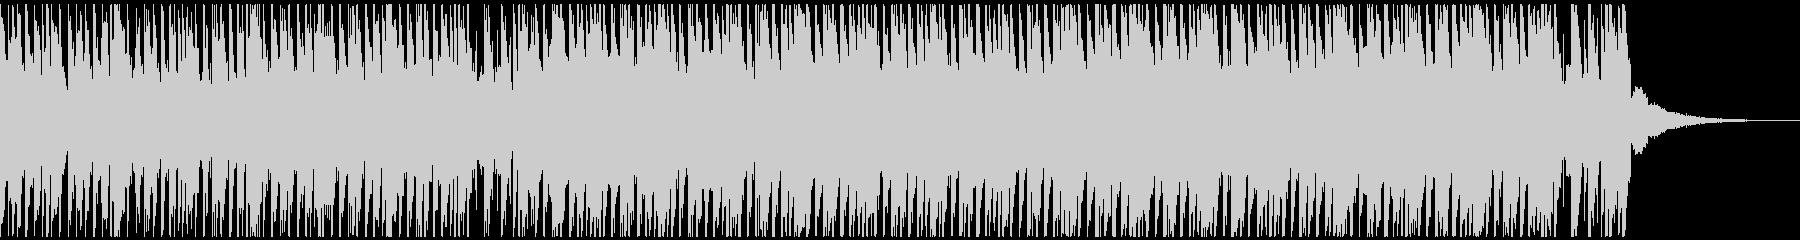 トロピカルハウスパーティー(60秒)の未再生の波形